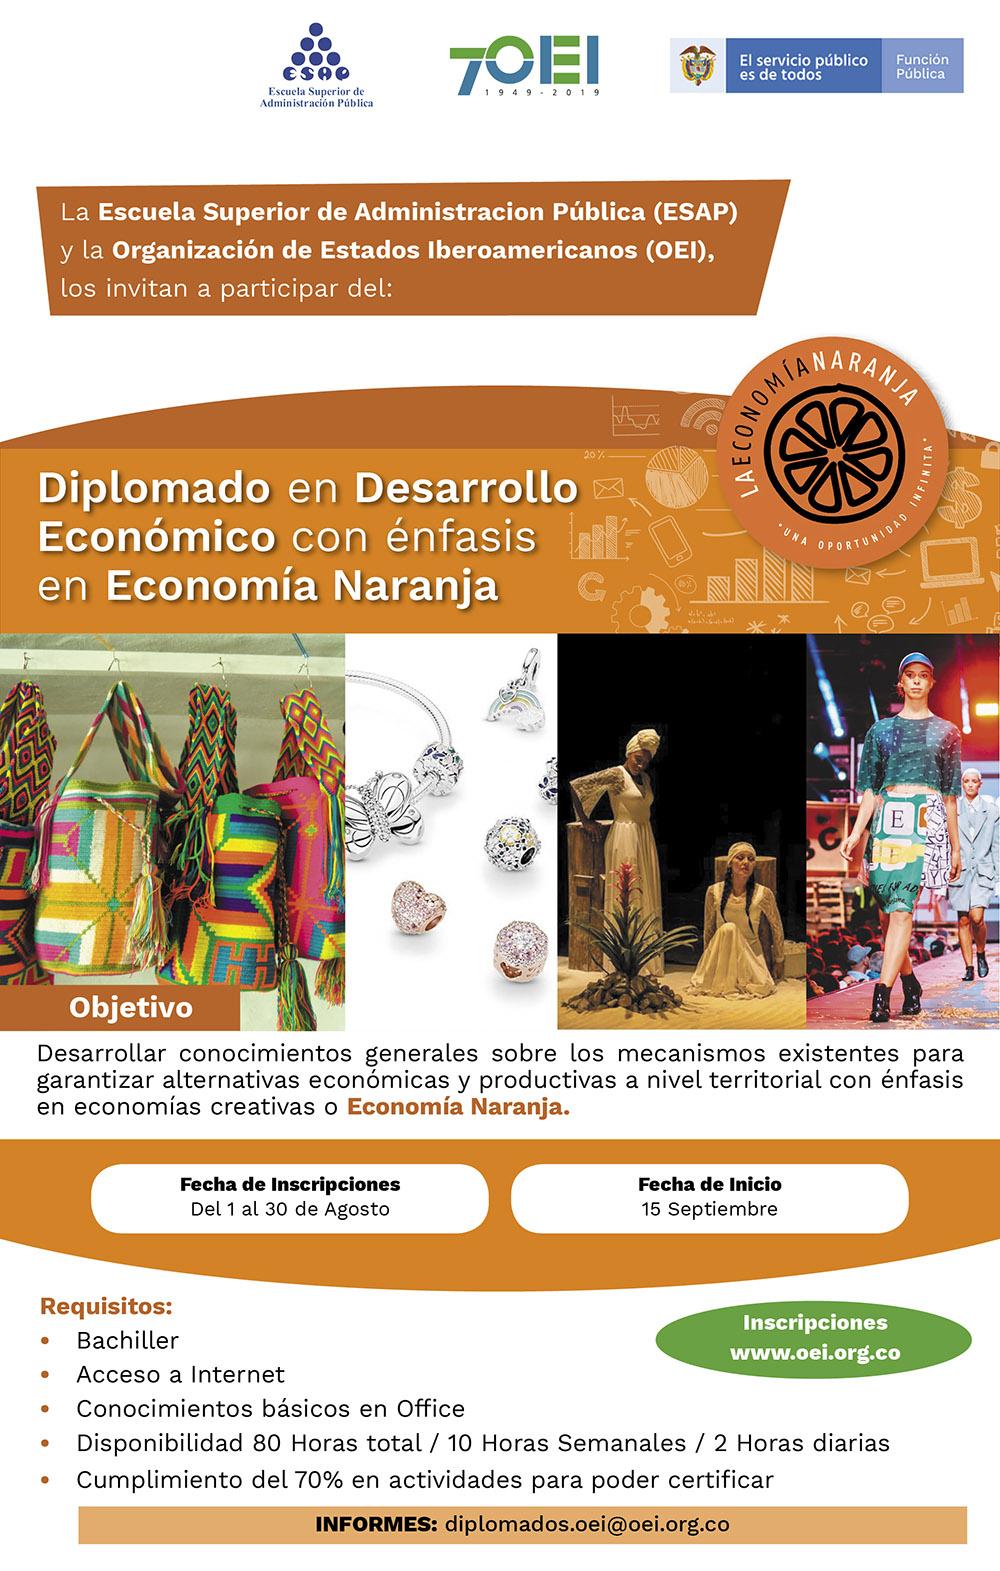 INSCRÍBETE - Desarrollo Económico con énfasis en Economía Naranja